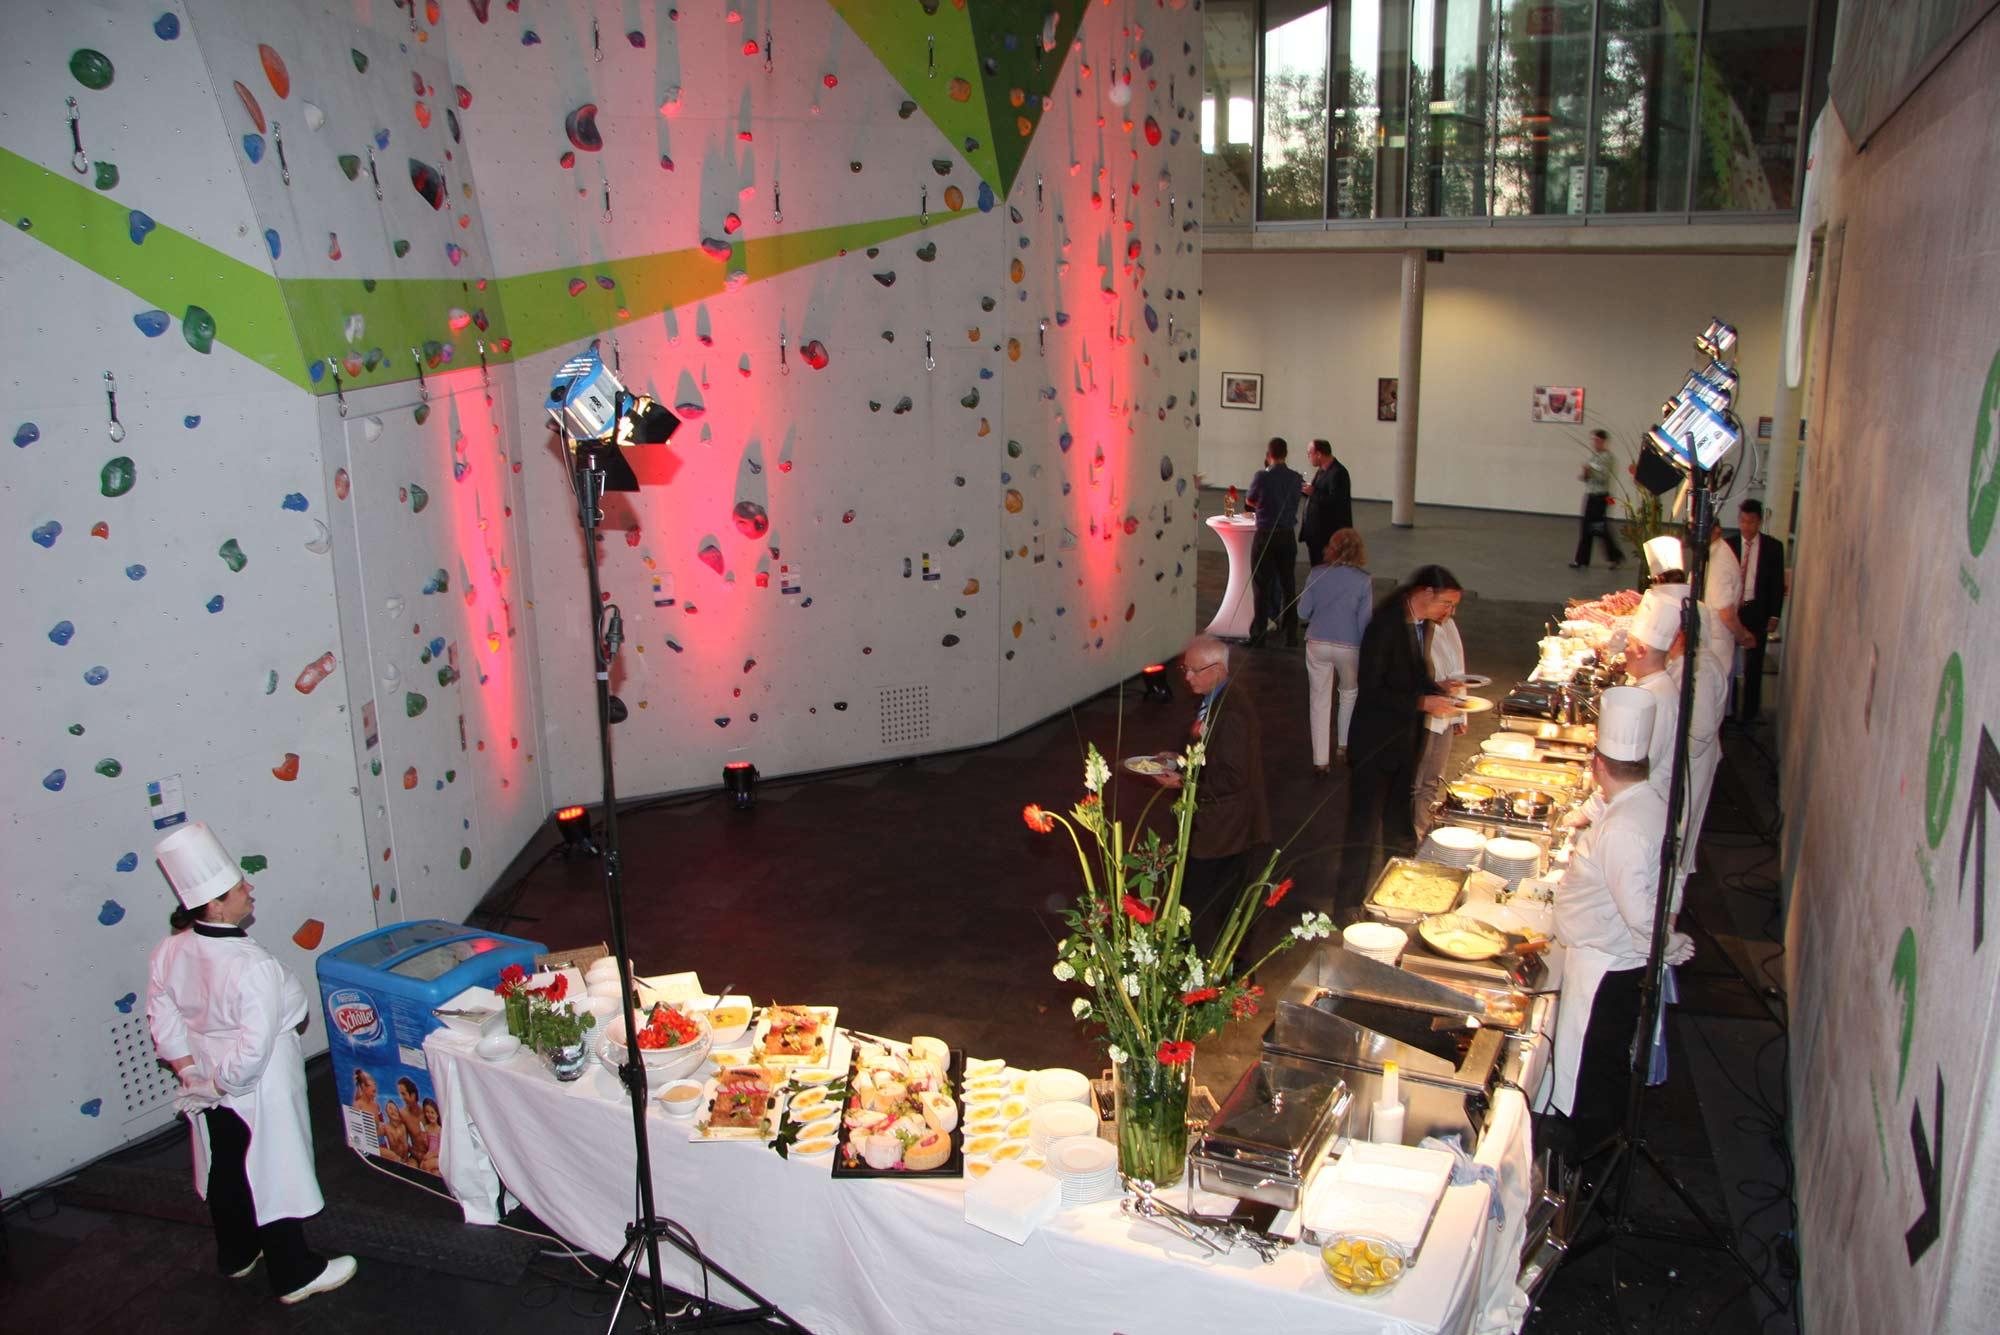 feiern_und_events_1.jpg